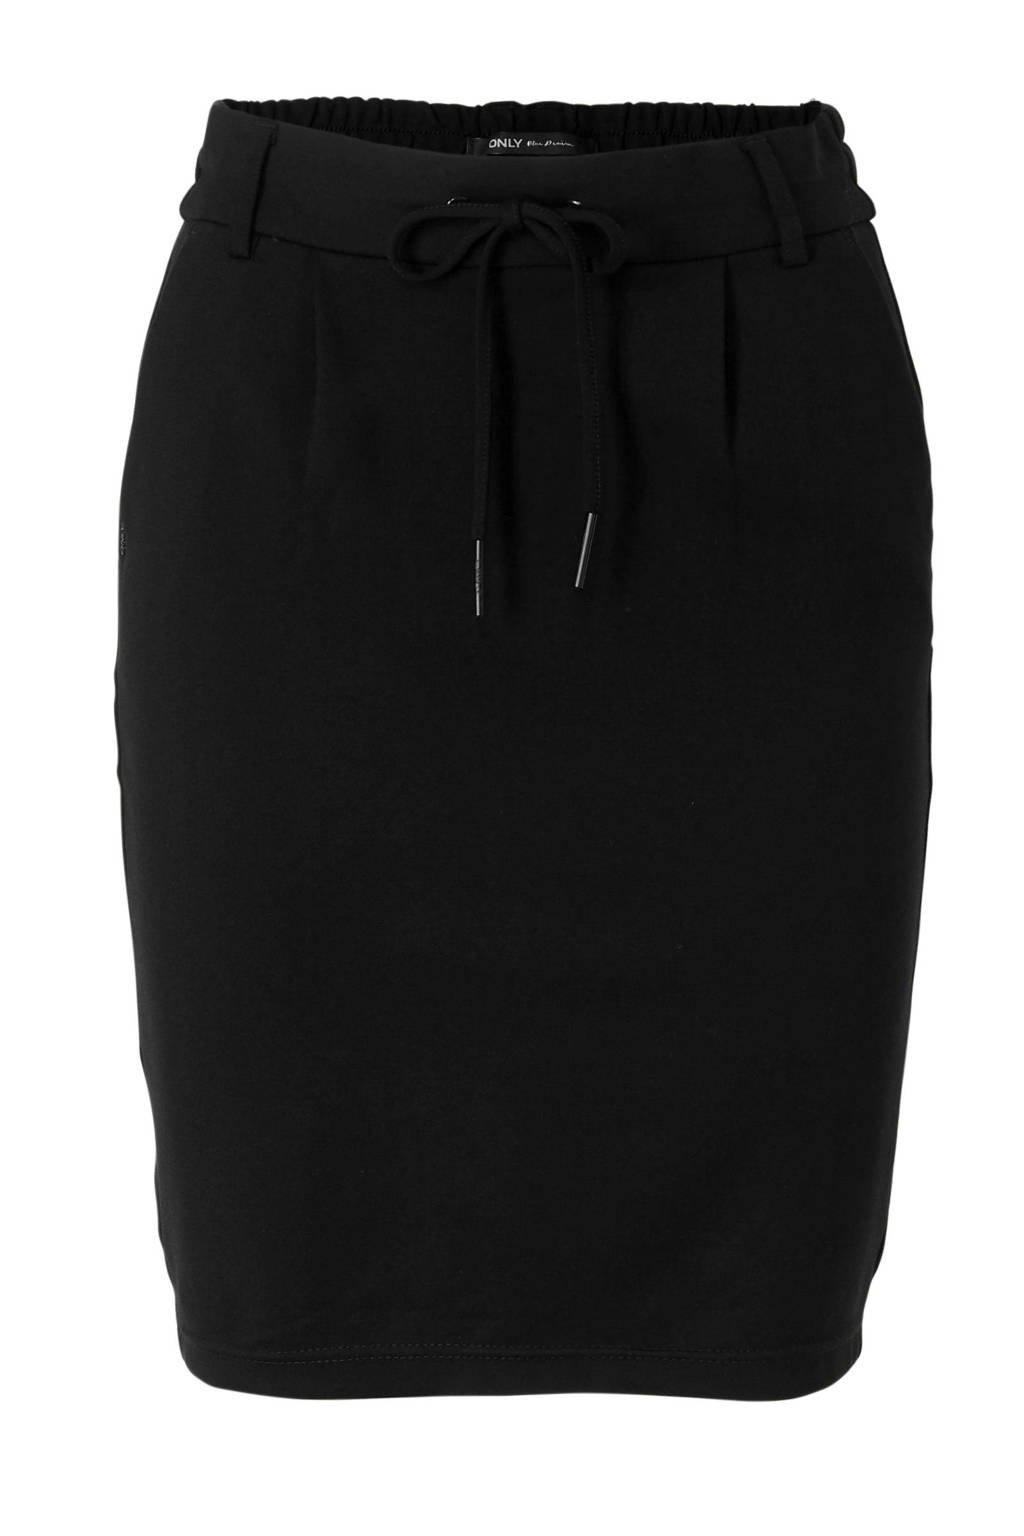 ONLY rok met steekzakken zwart, Zwart